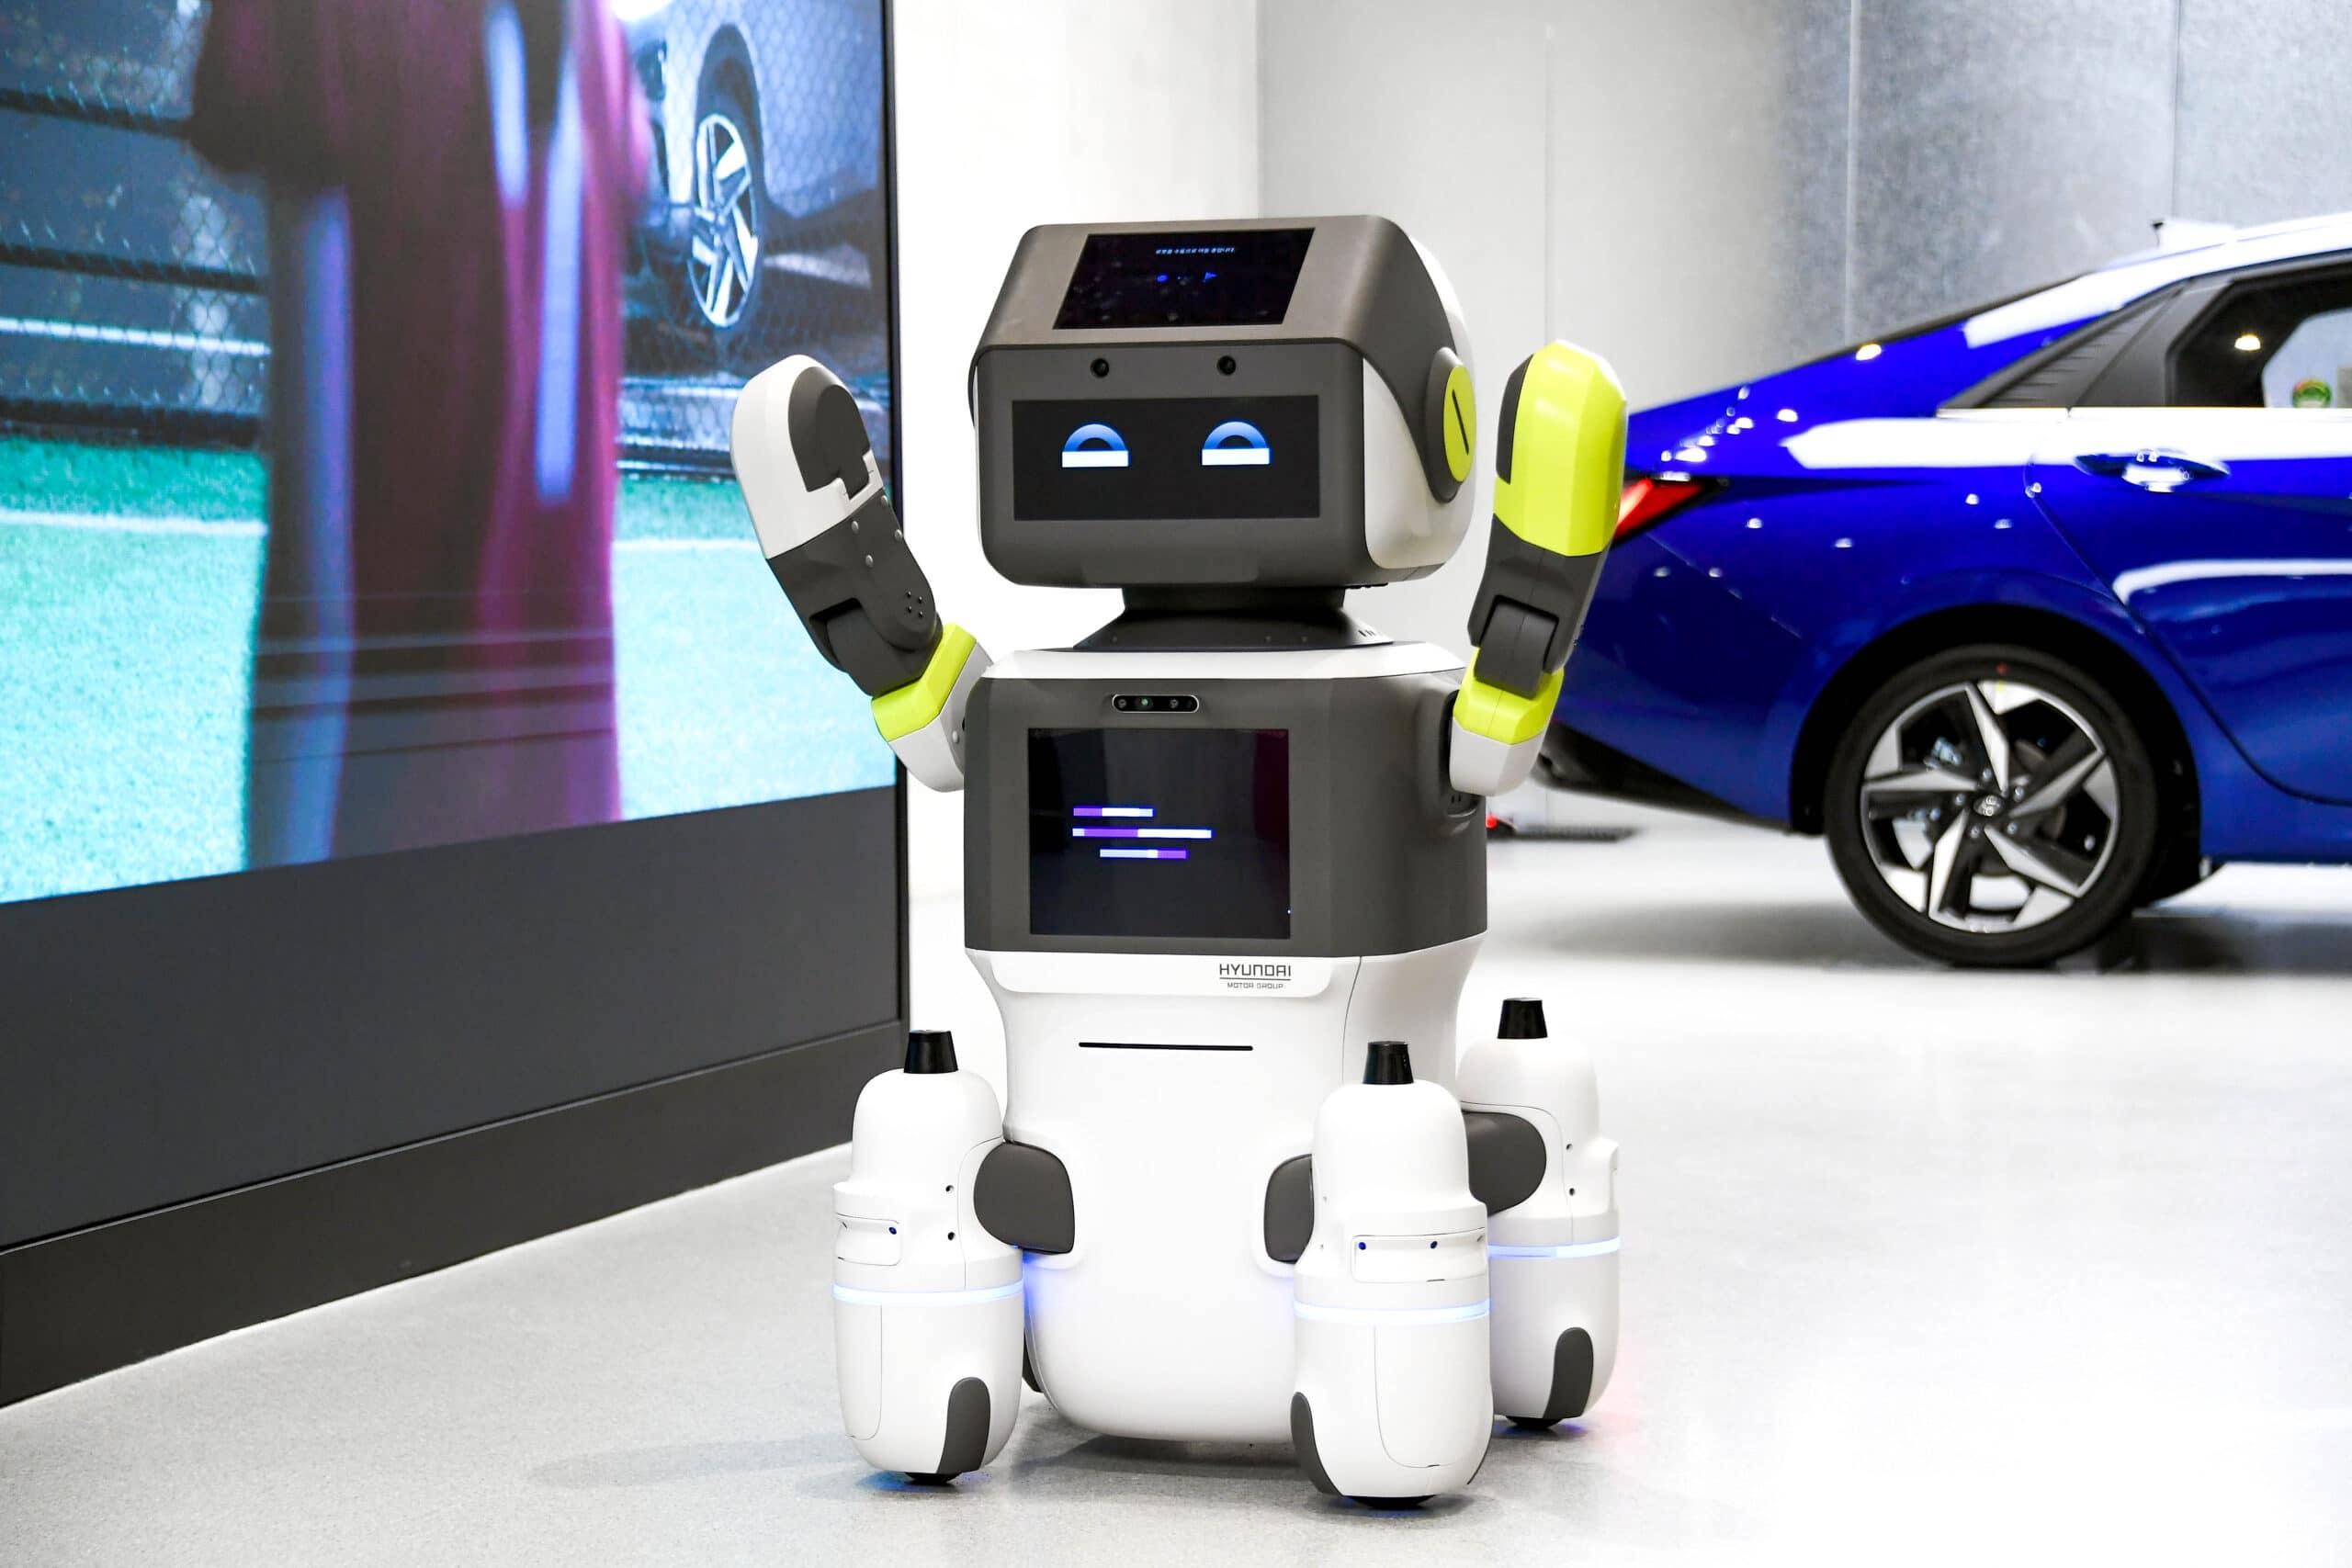 Hyundai Humanoid robot